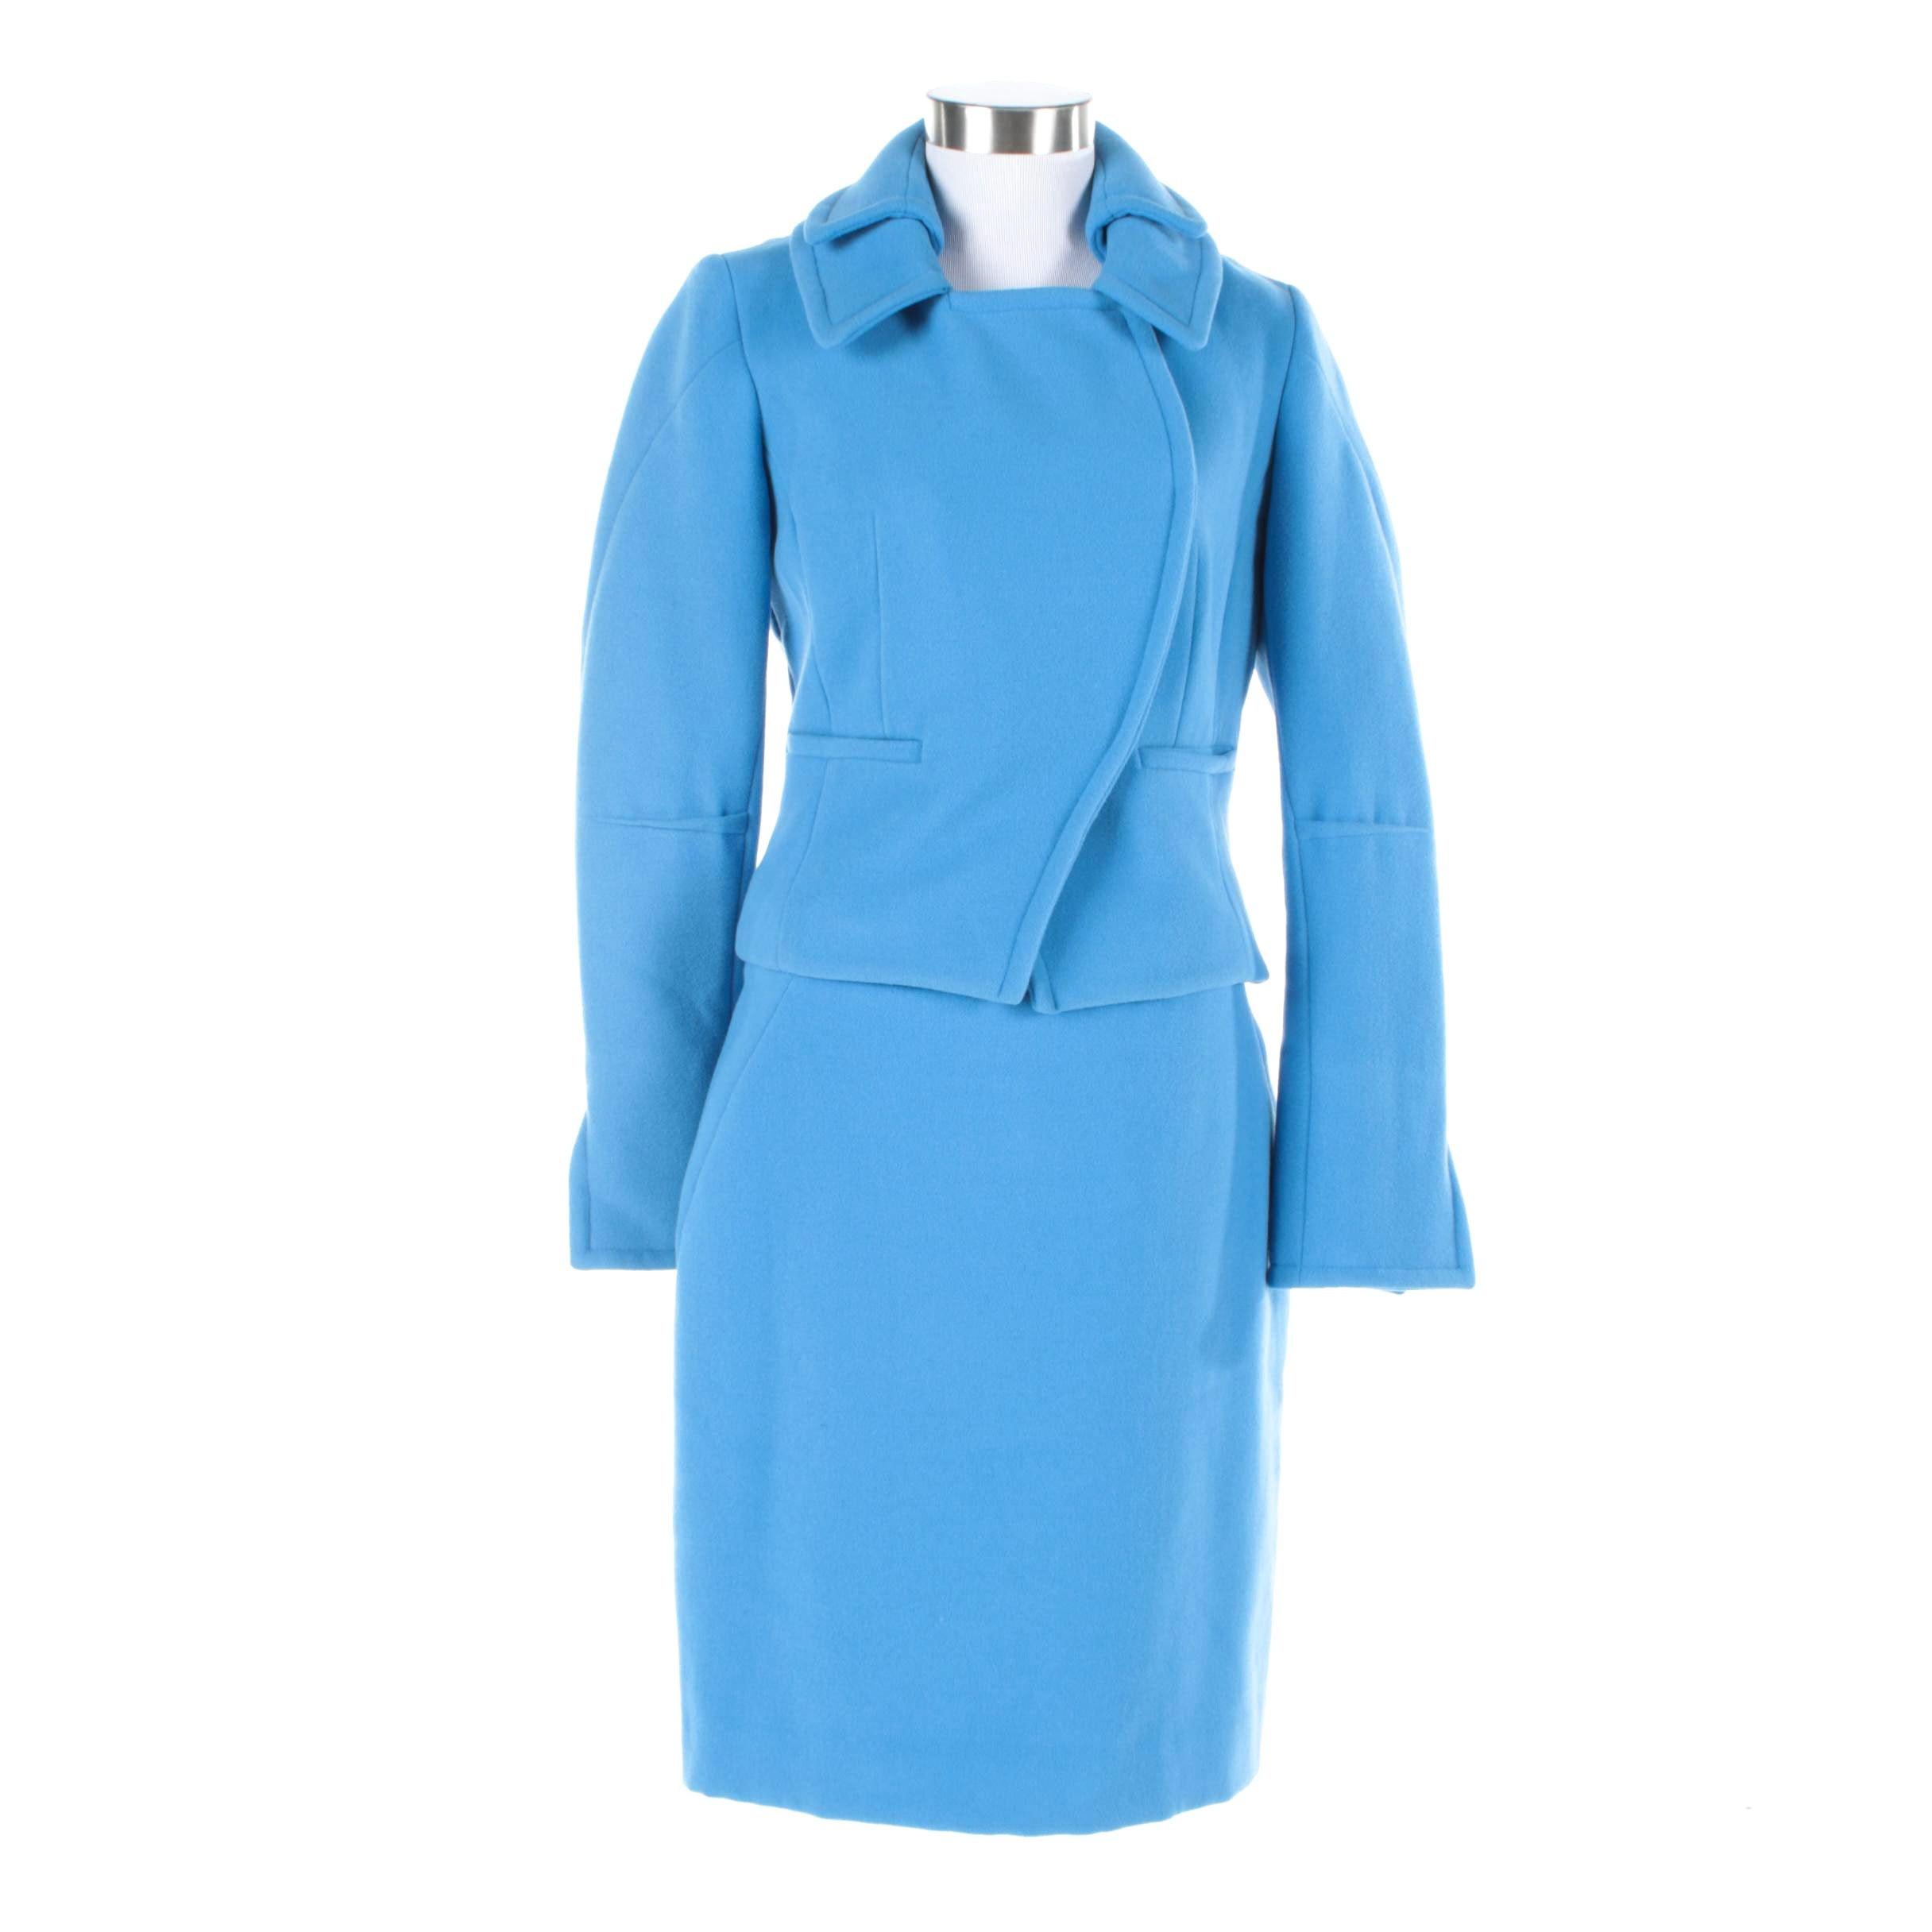 Women's Etcetera Blue Polyester Blend Suit